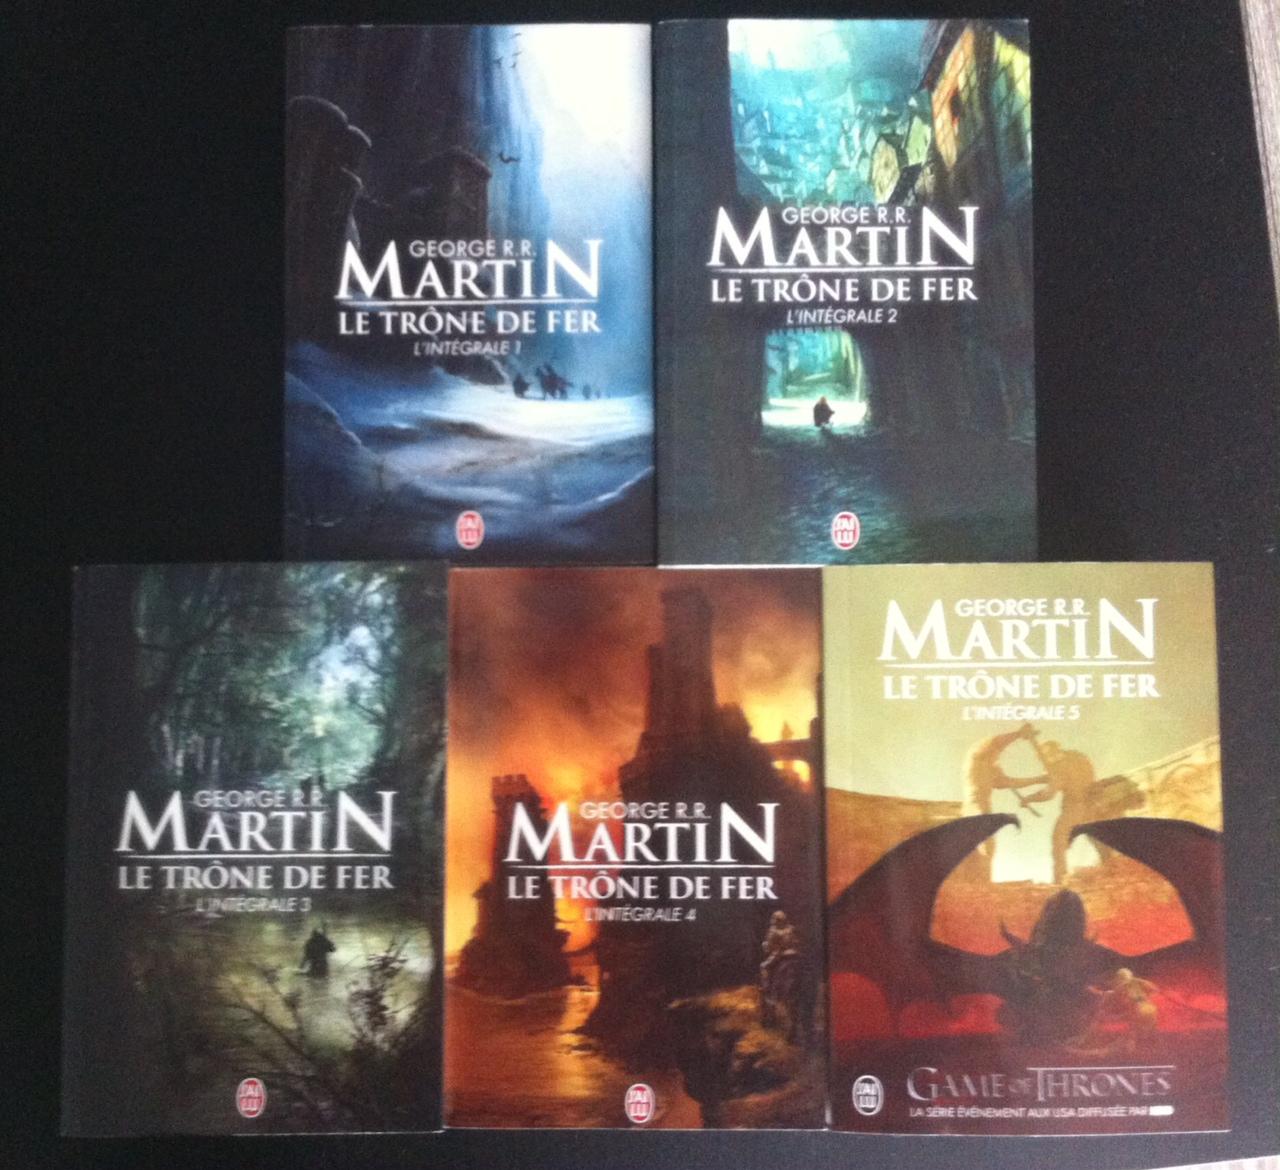 Officiel Game Of Thrones Les Livres Sur Le Forum Blabla 18